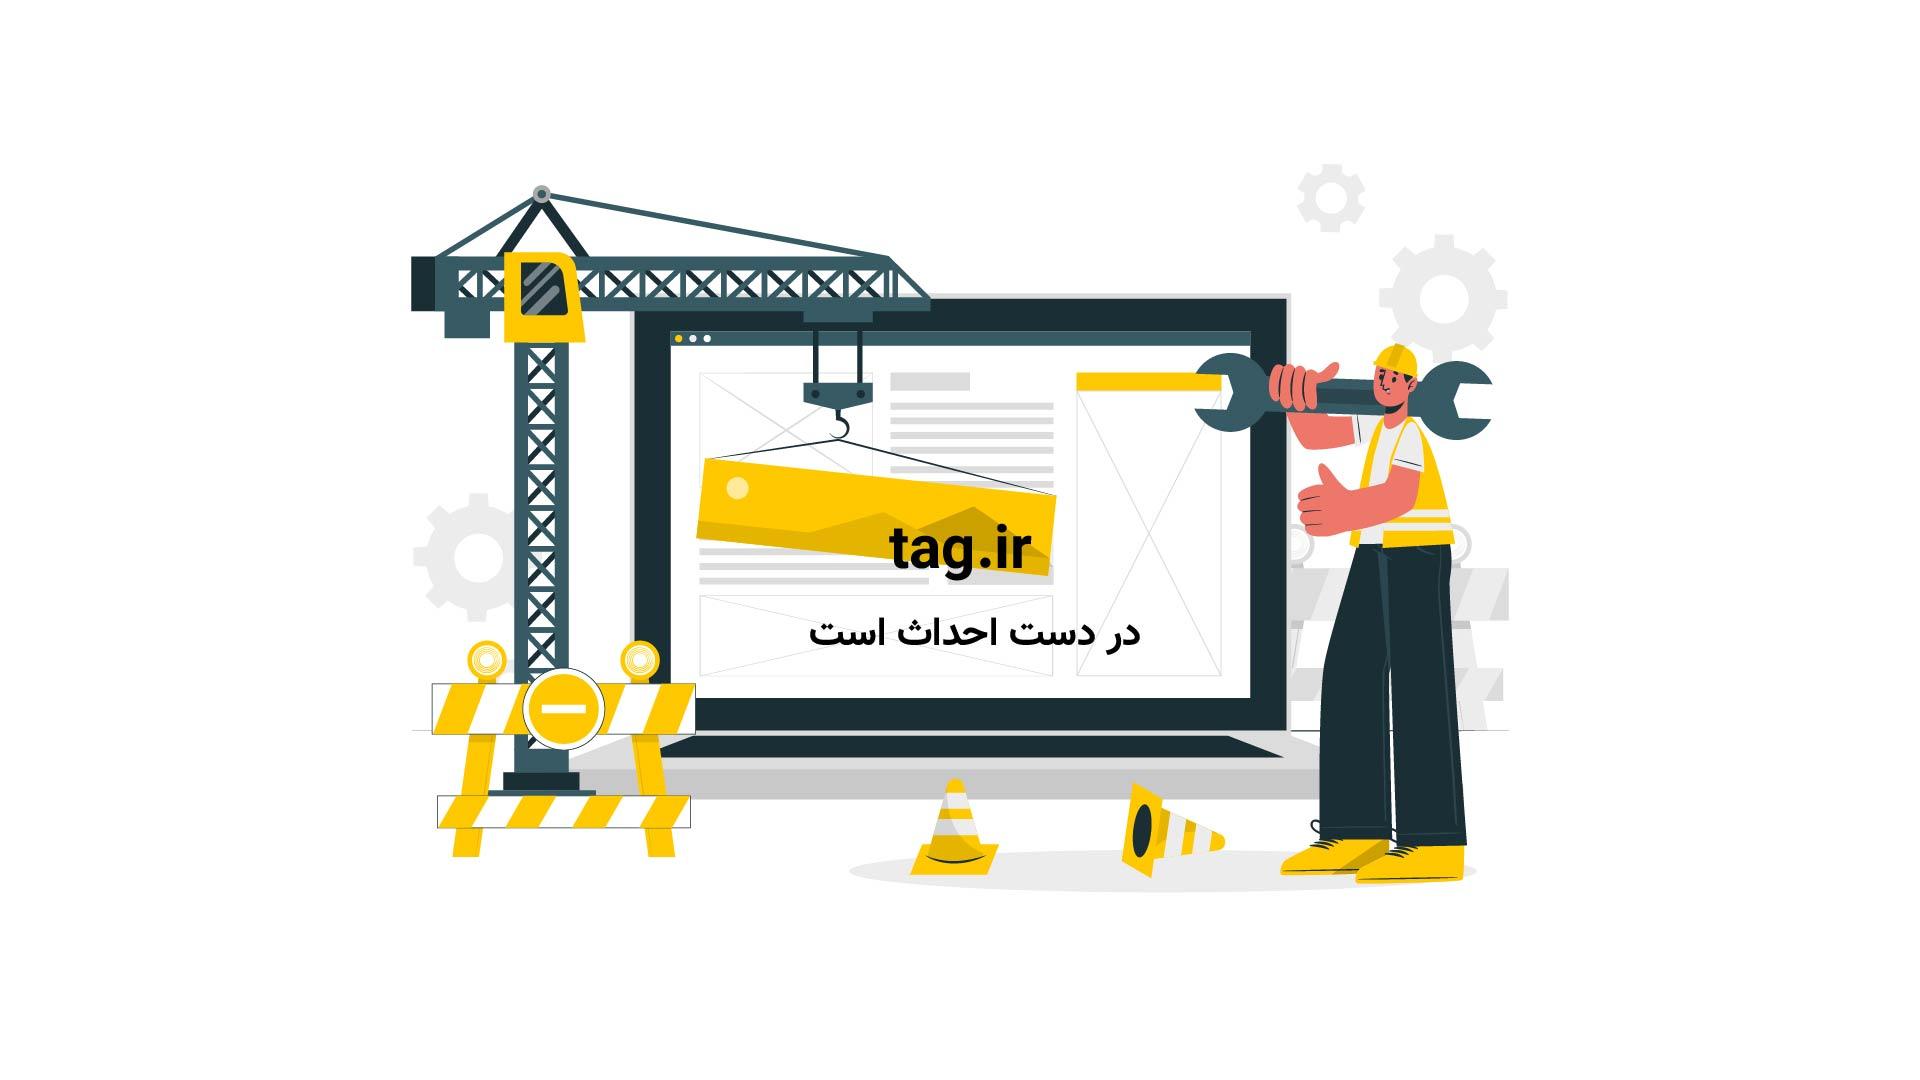 حمله 14 شیر گرسنه به فیل جوان و تنها | فیلم